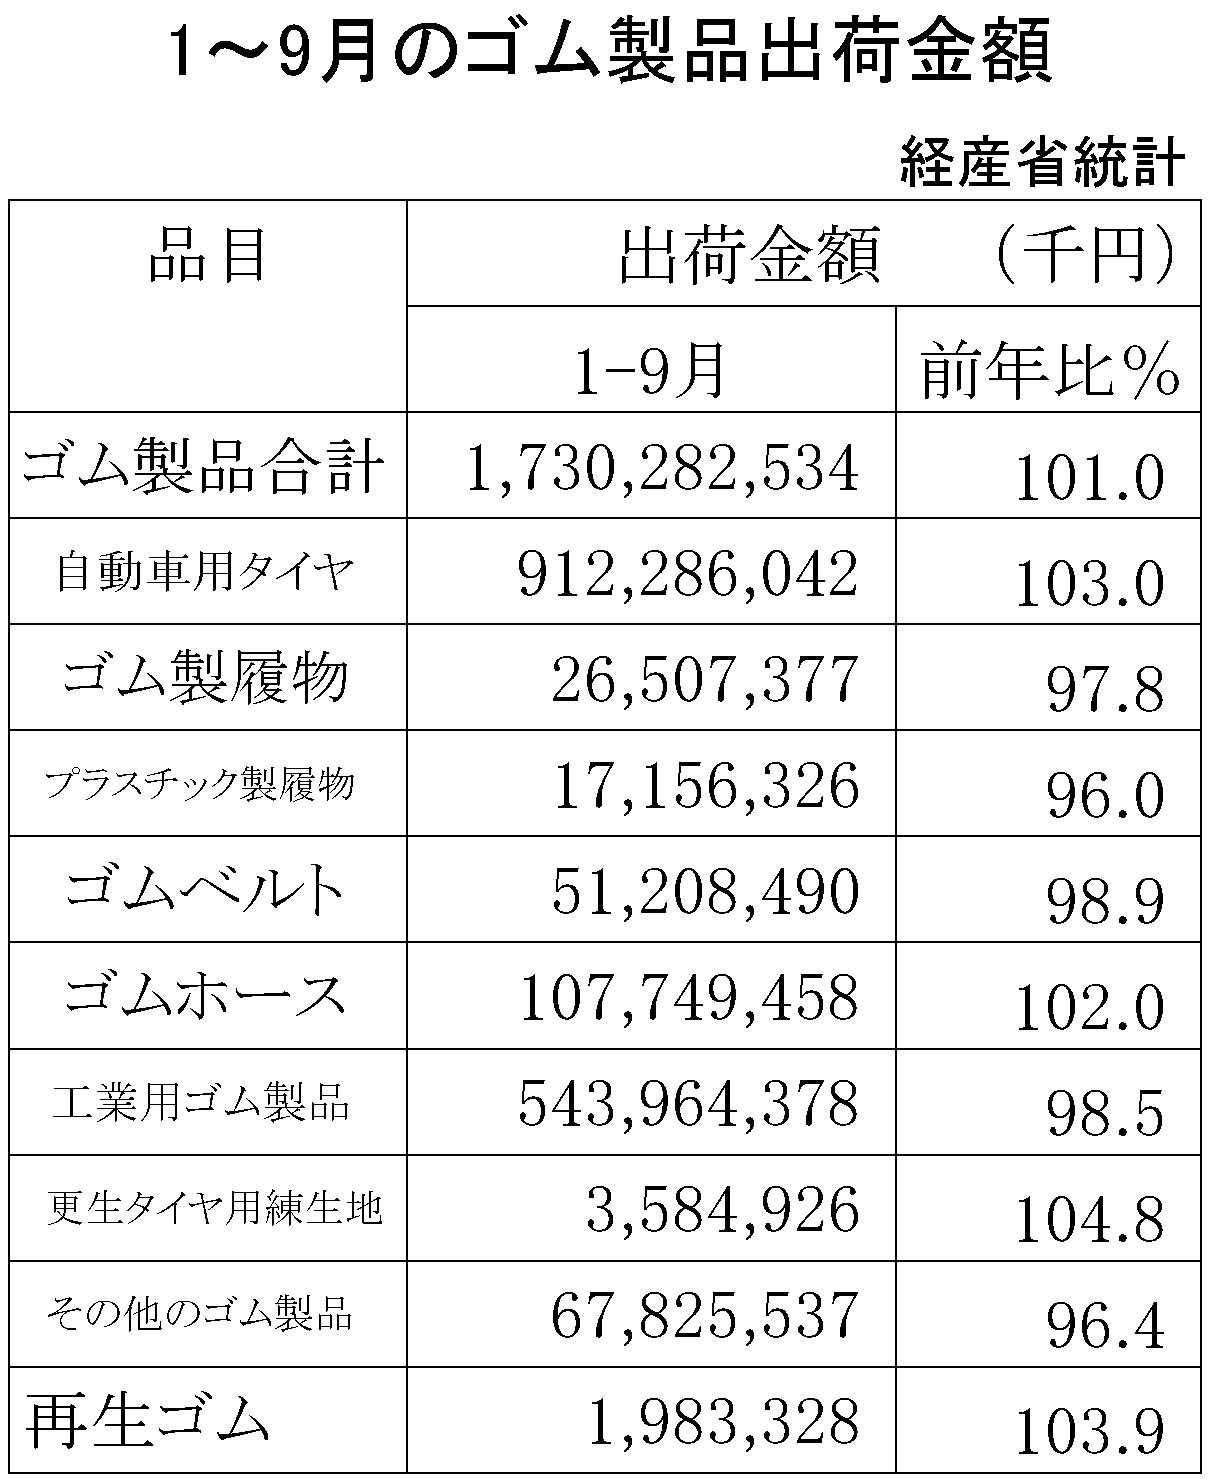 1-9のゴム製品生産・出荷金額・再生ゴム・工業用ゴム 製品出荷金額-期間統計-縦14横3